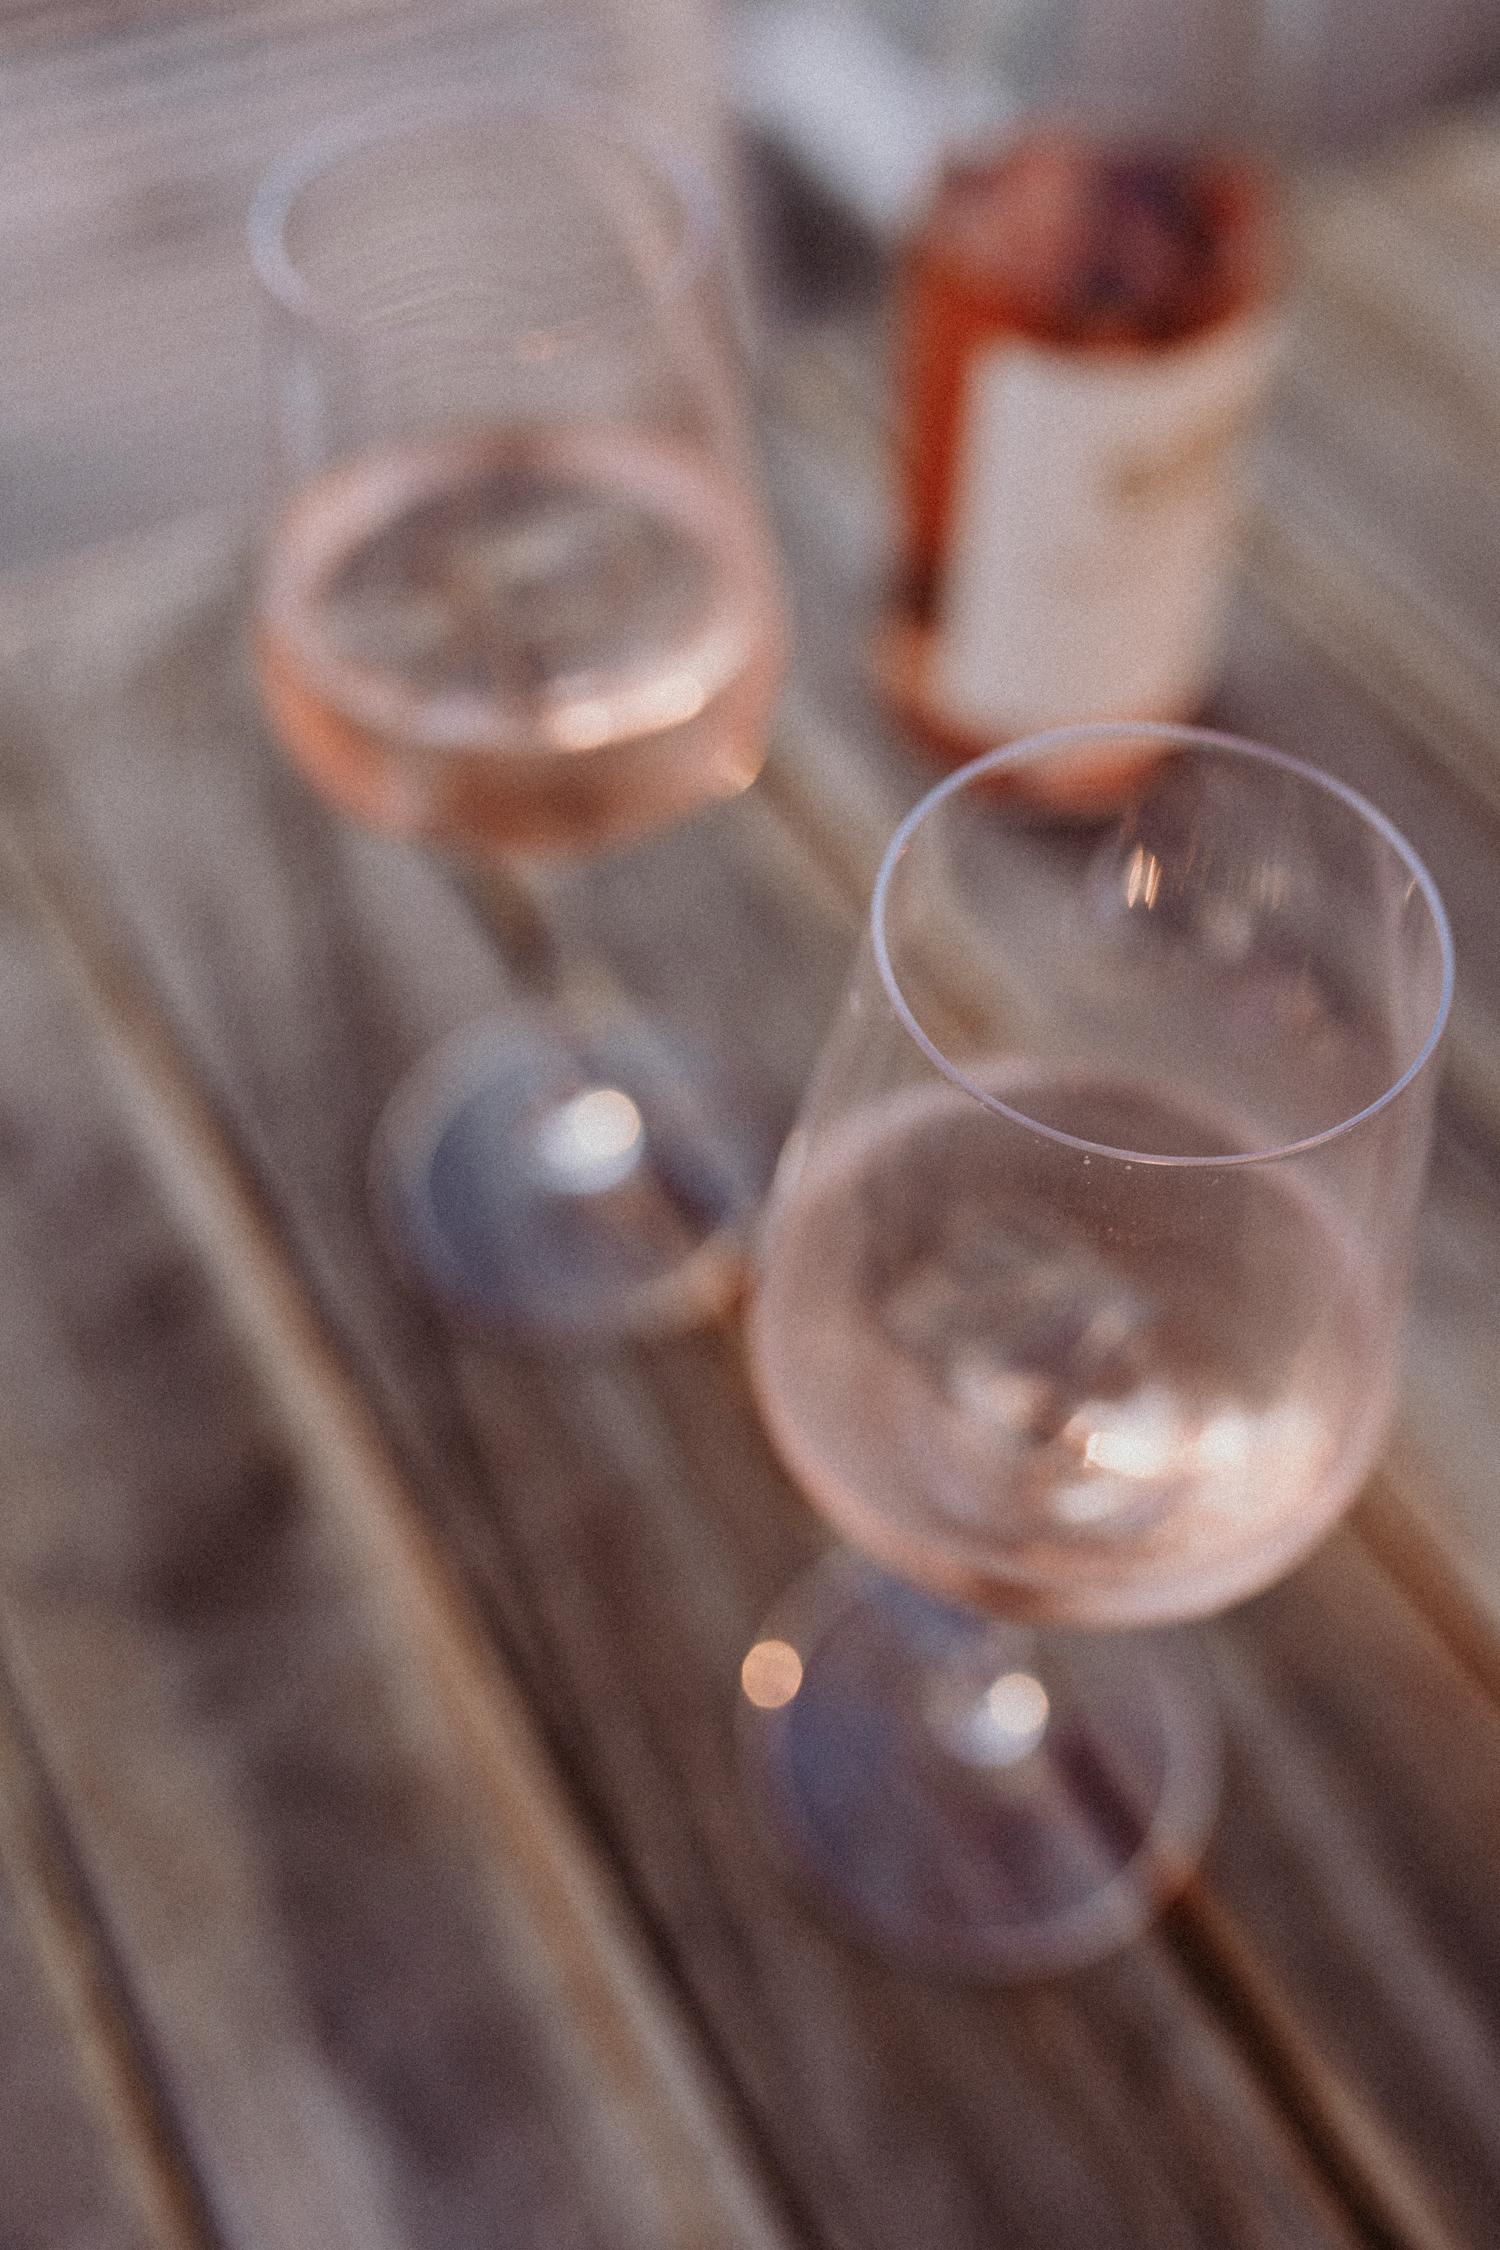 besten 5 Roséweine für den Sommer 2018 - Love Daily Dose